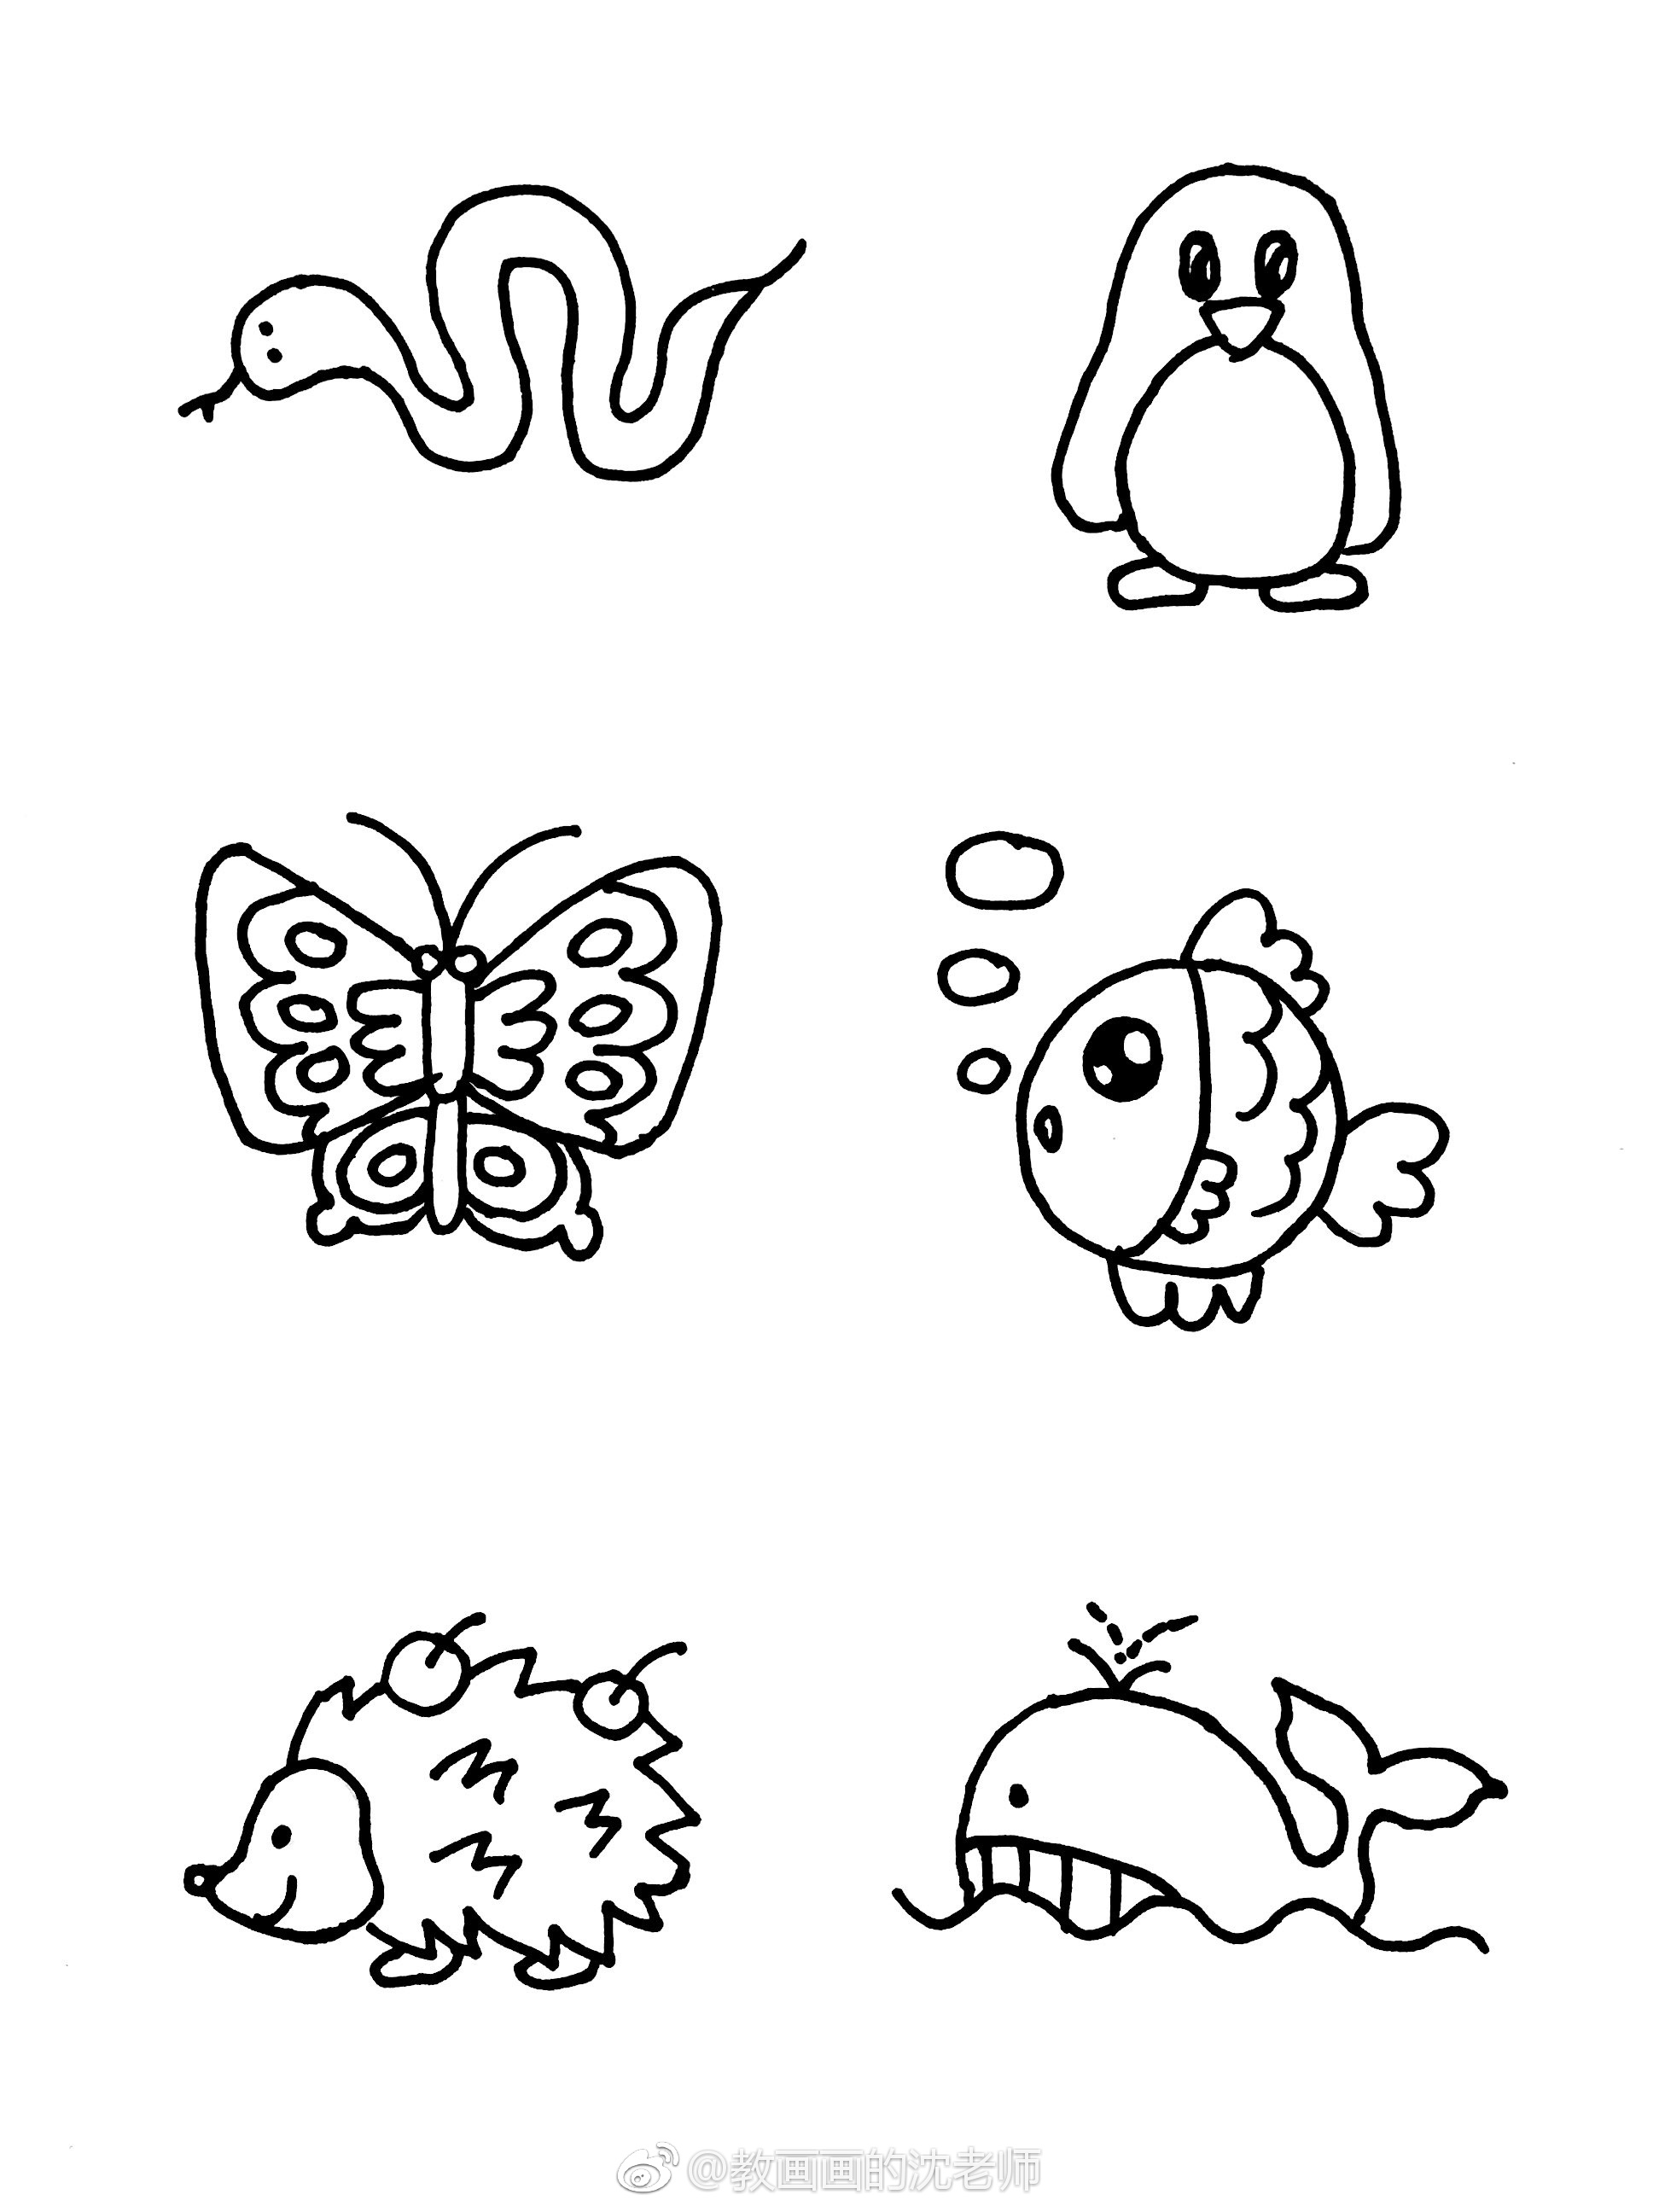 超可爱的动物简笔画大全,小朋友超爱的小动物简笔画